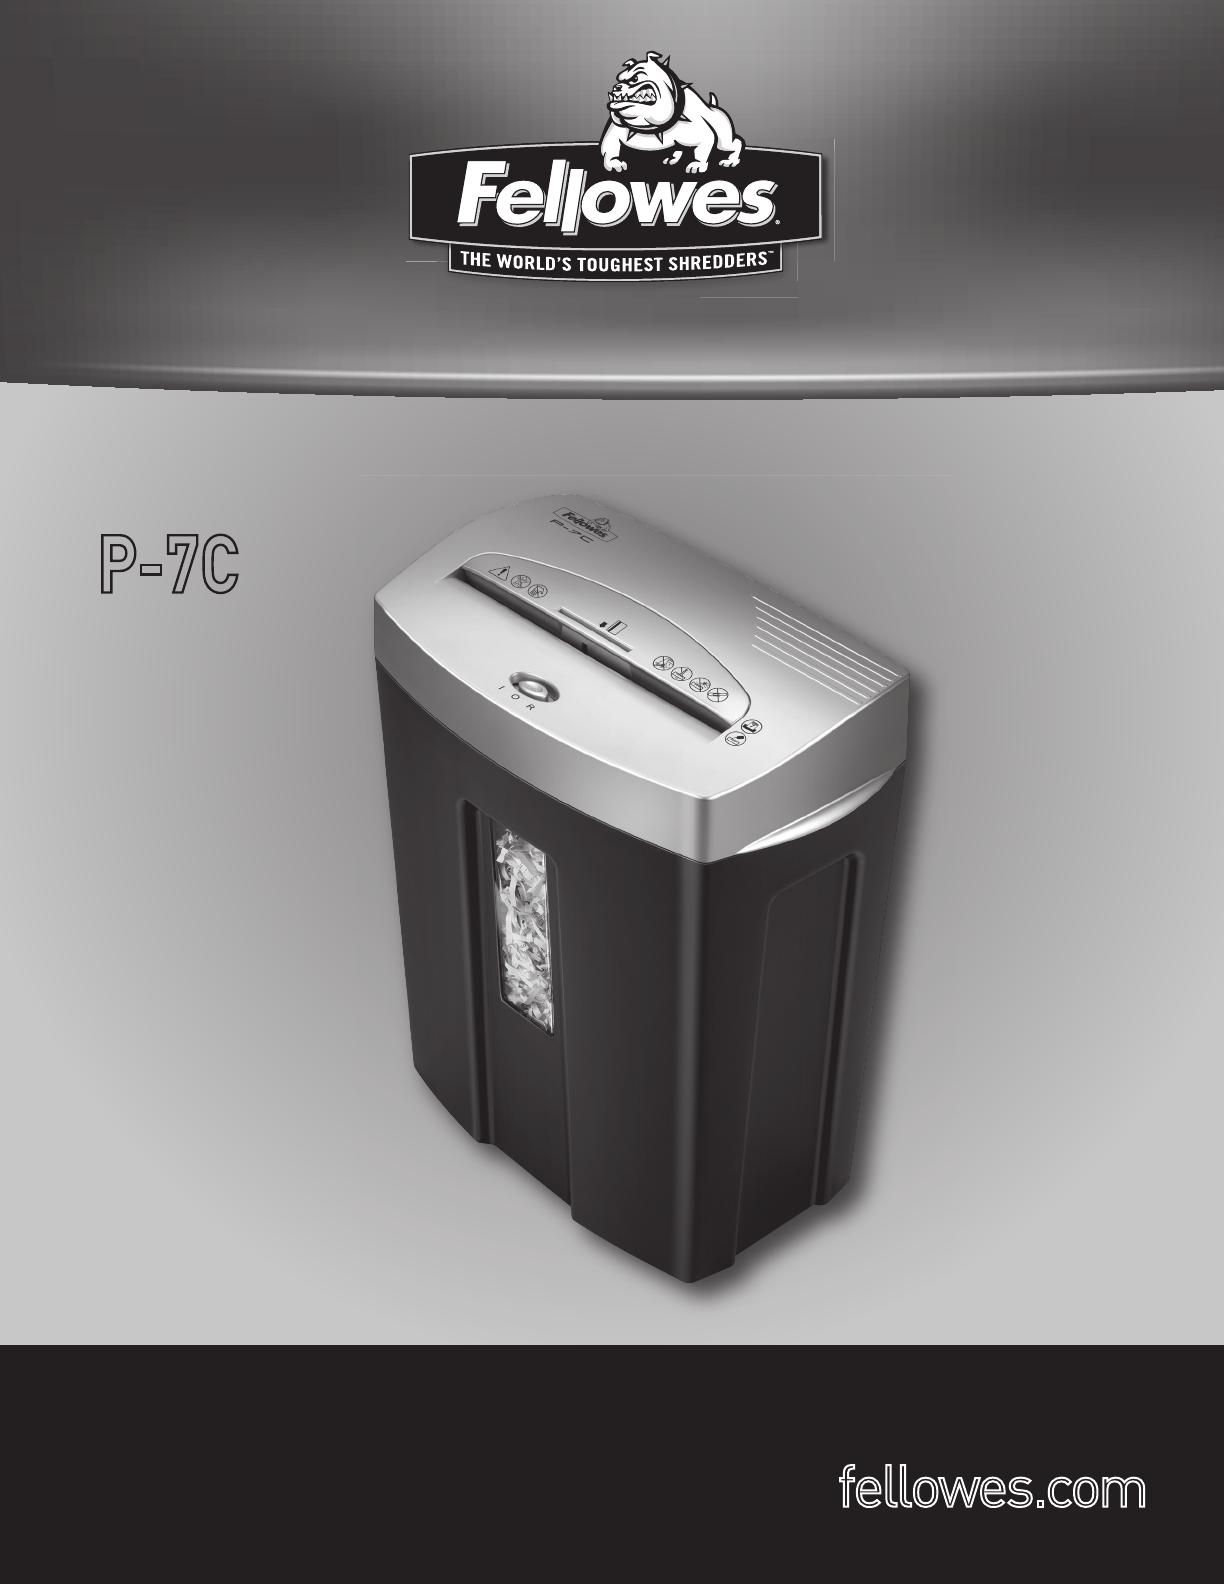 fellowes.com